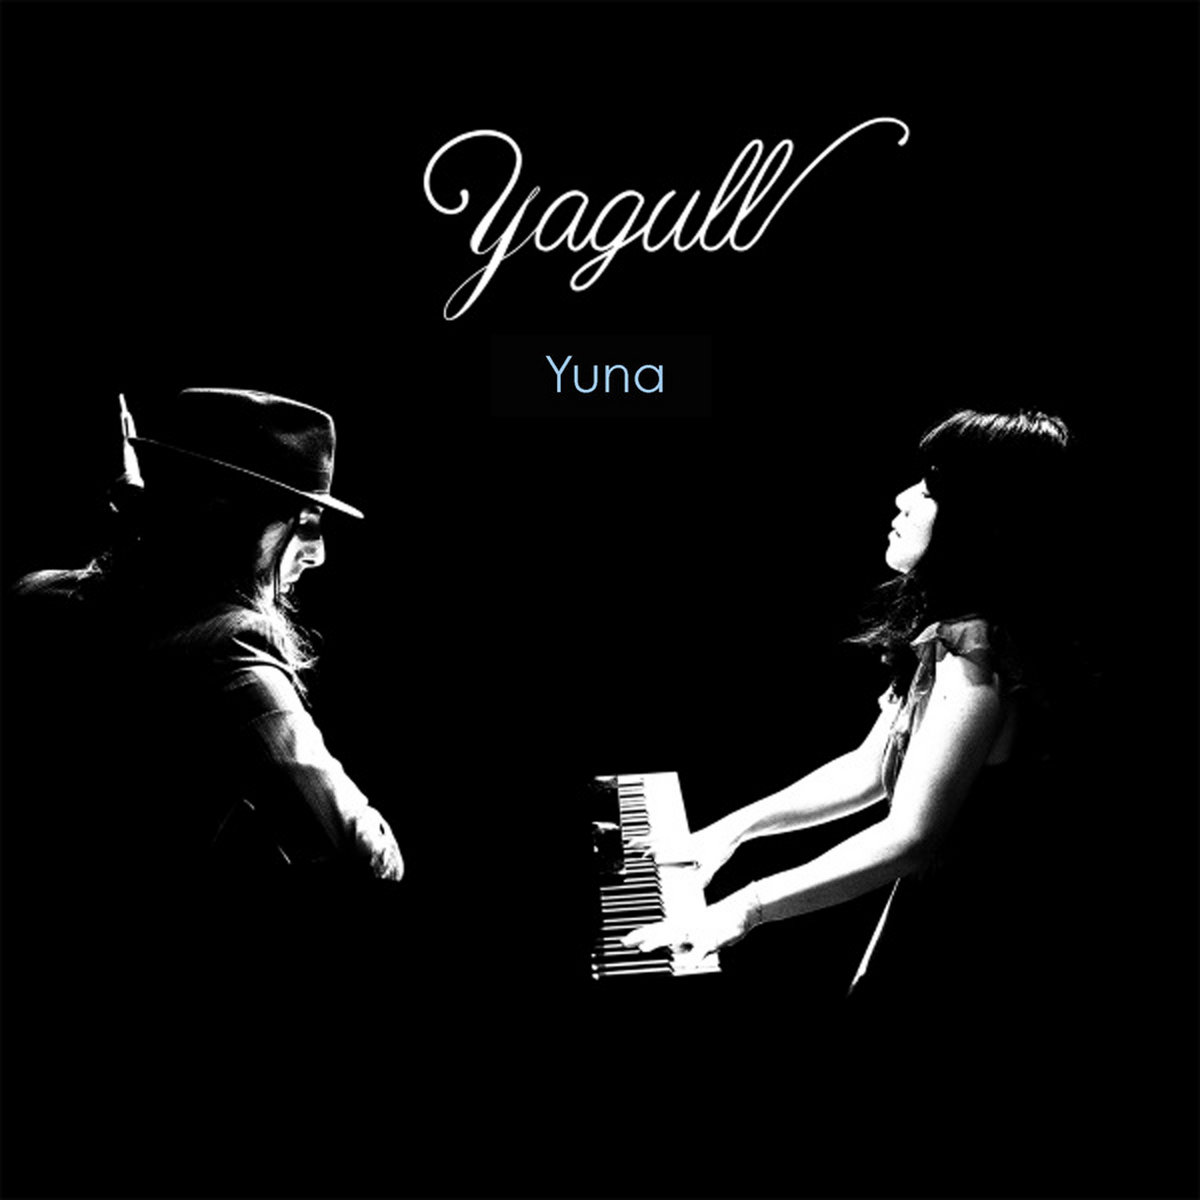 yuna song mp3 free download